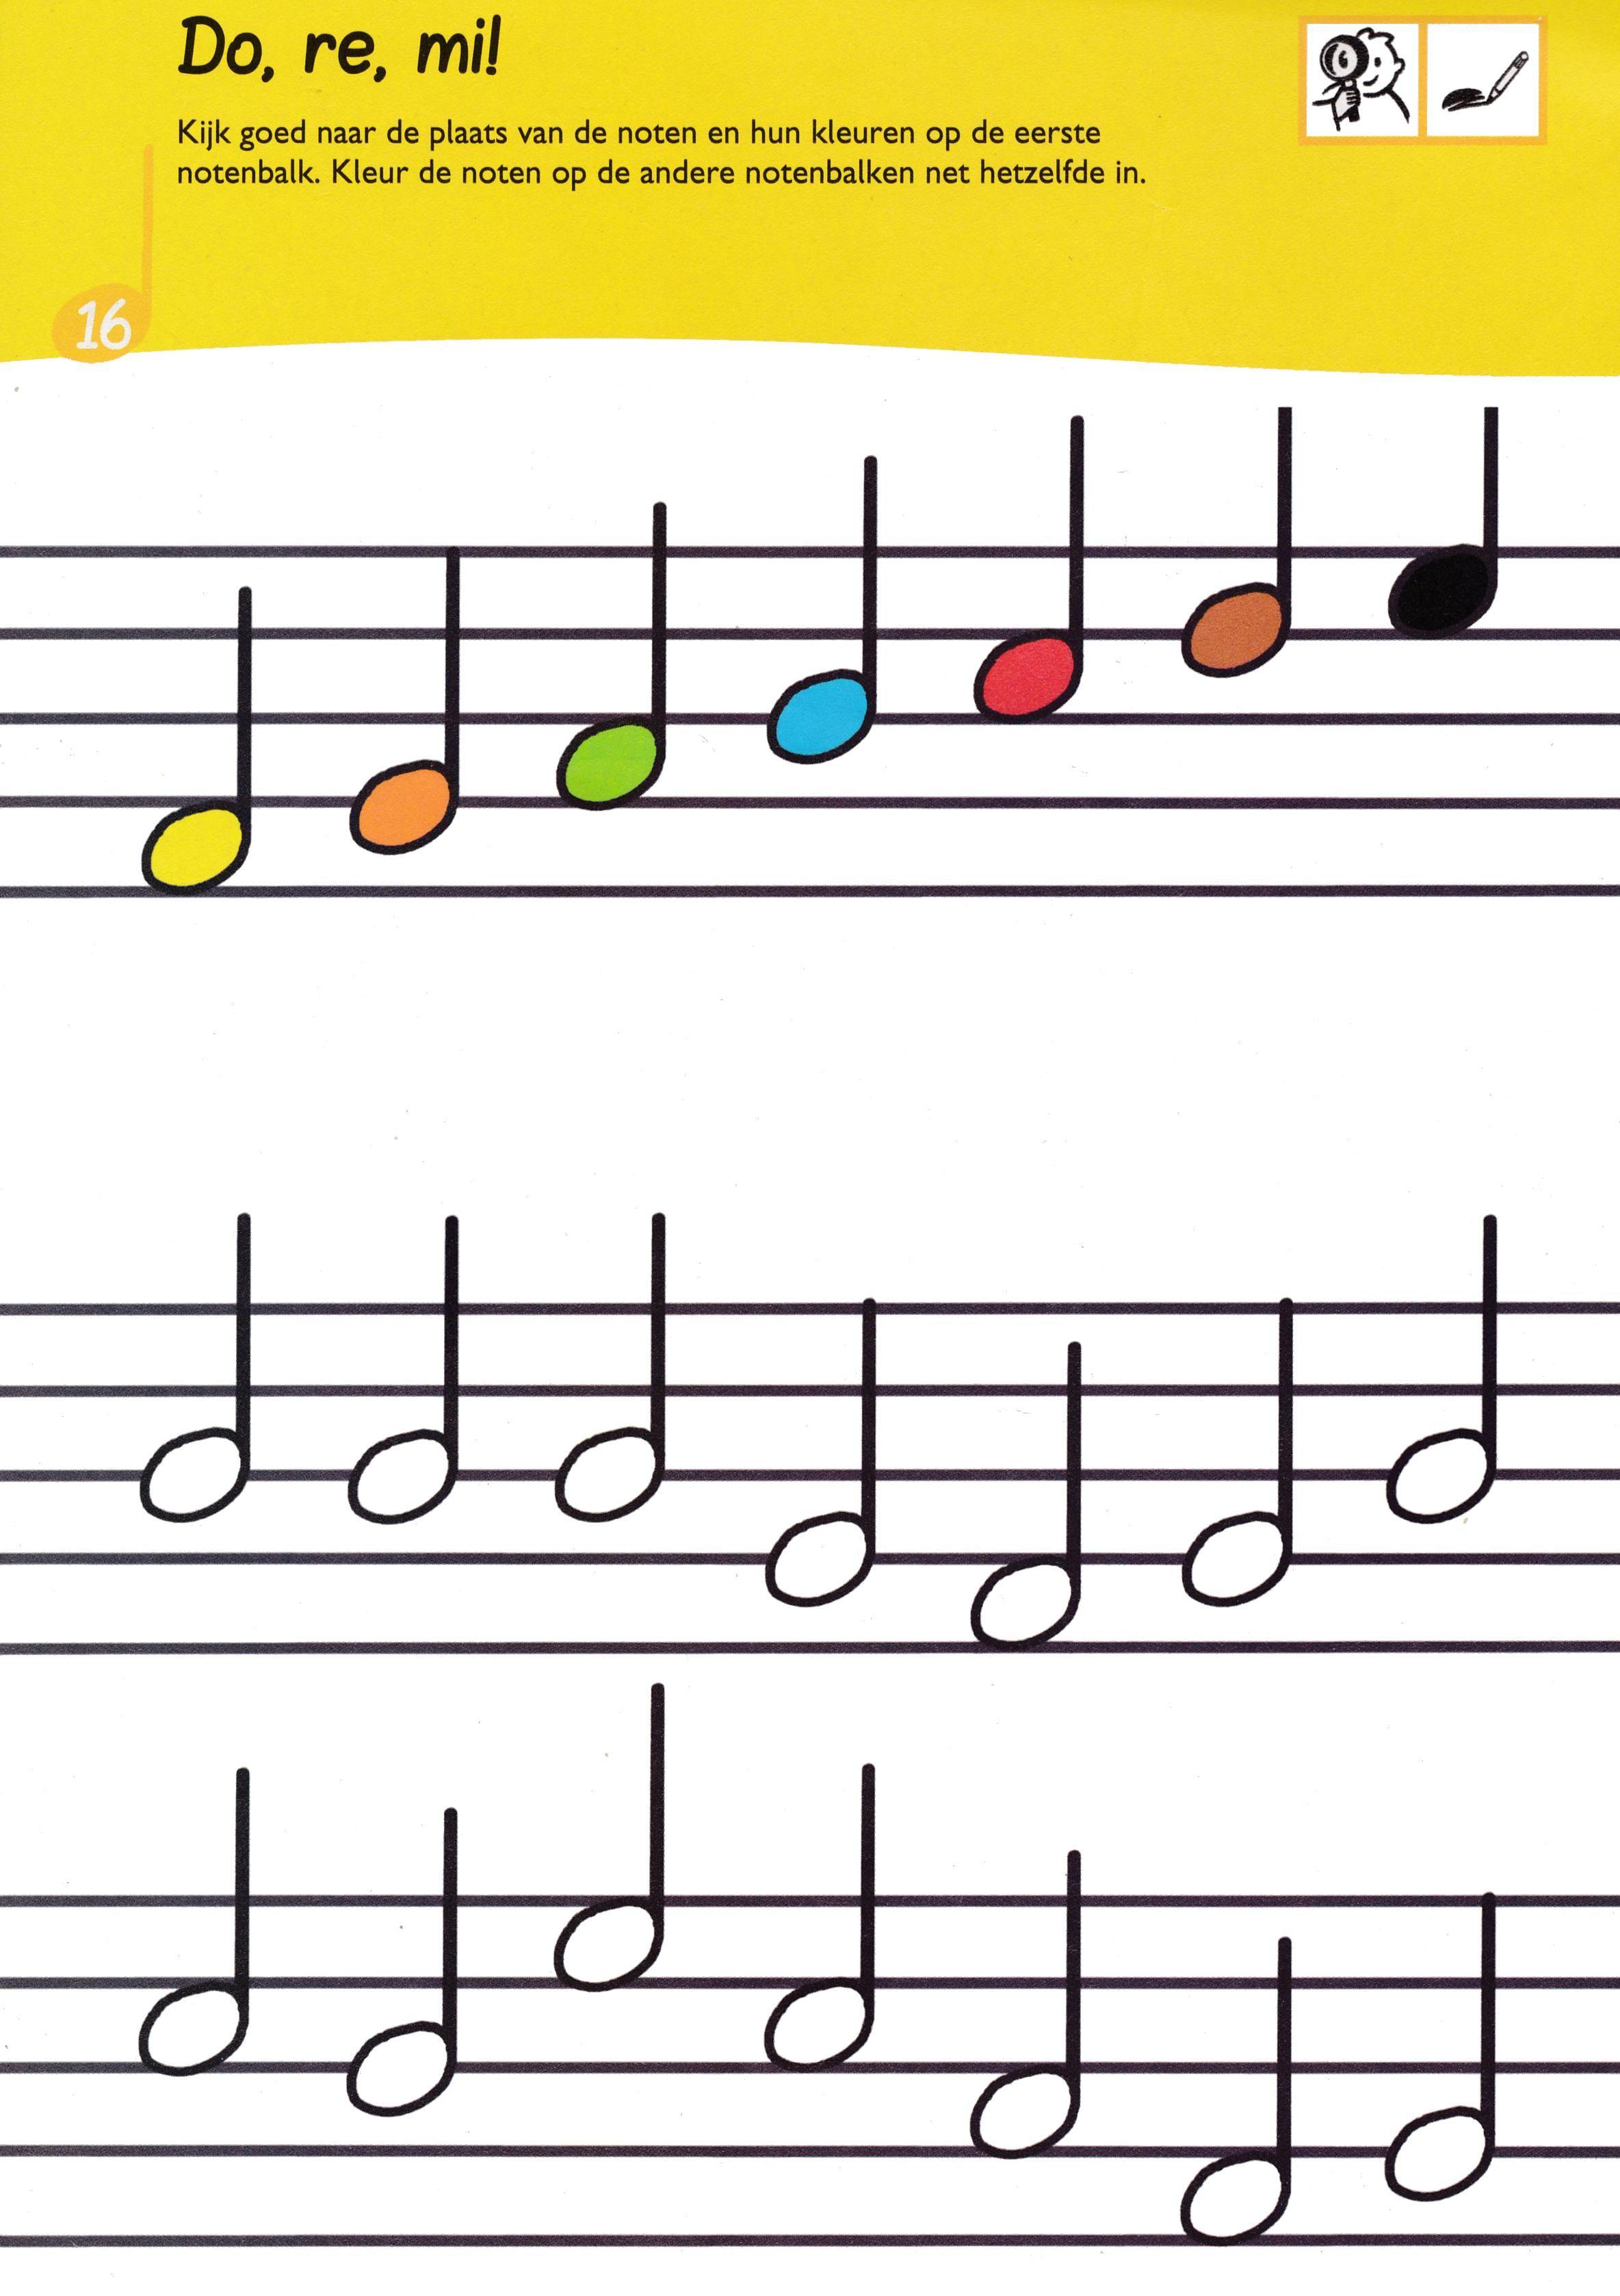 Gebruik De Kleurencode Van De Bovenste Notenbalk Om De Onderste Noten De Juiste Kleur Te Geven Muziek Les Muziek Muziek Lezen